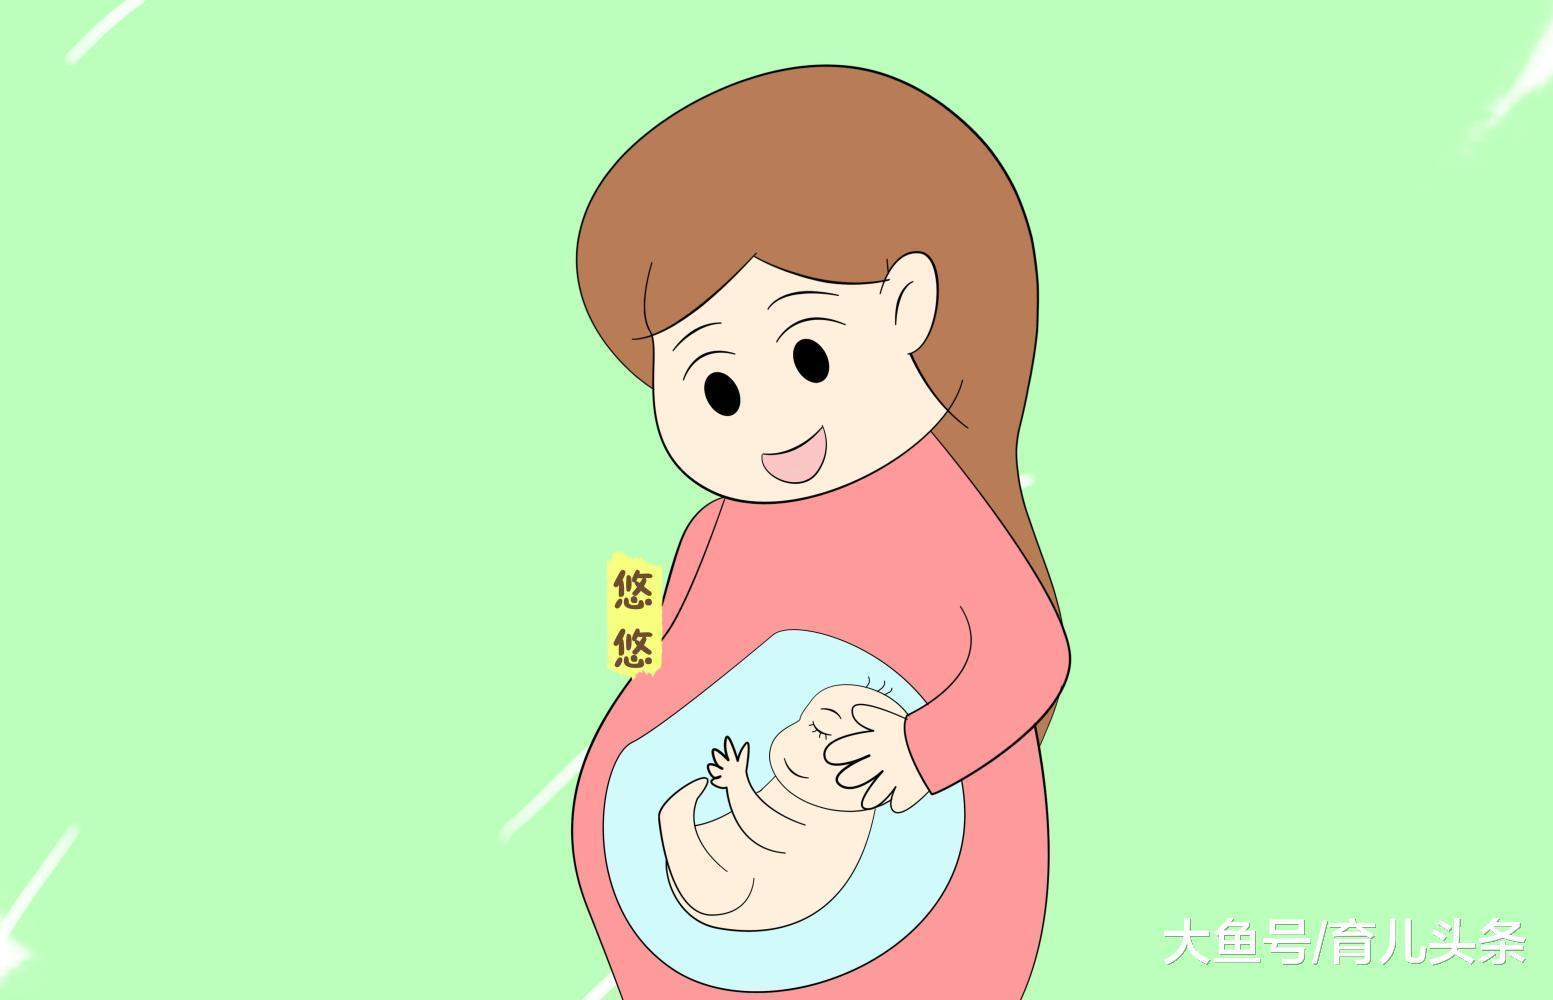 怀孕后易焦虑, 这5种缓解方法, 准妈妈要早知道